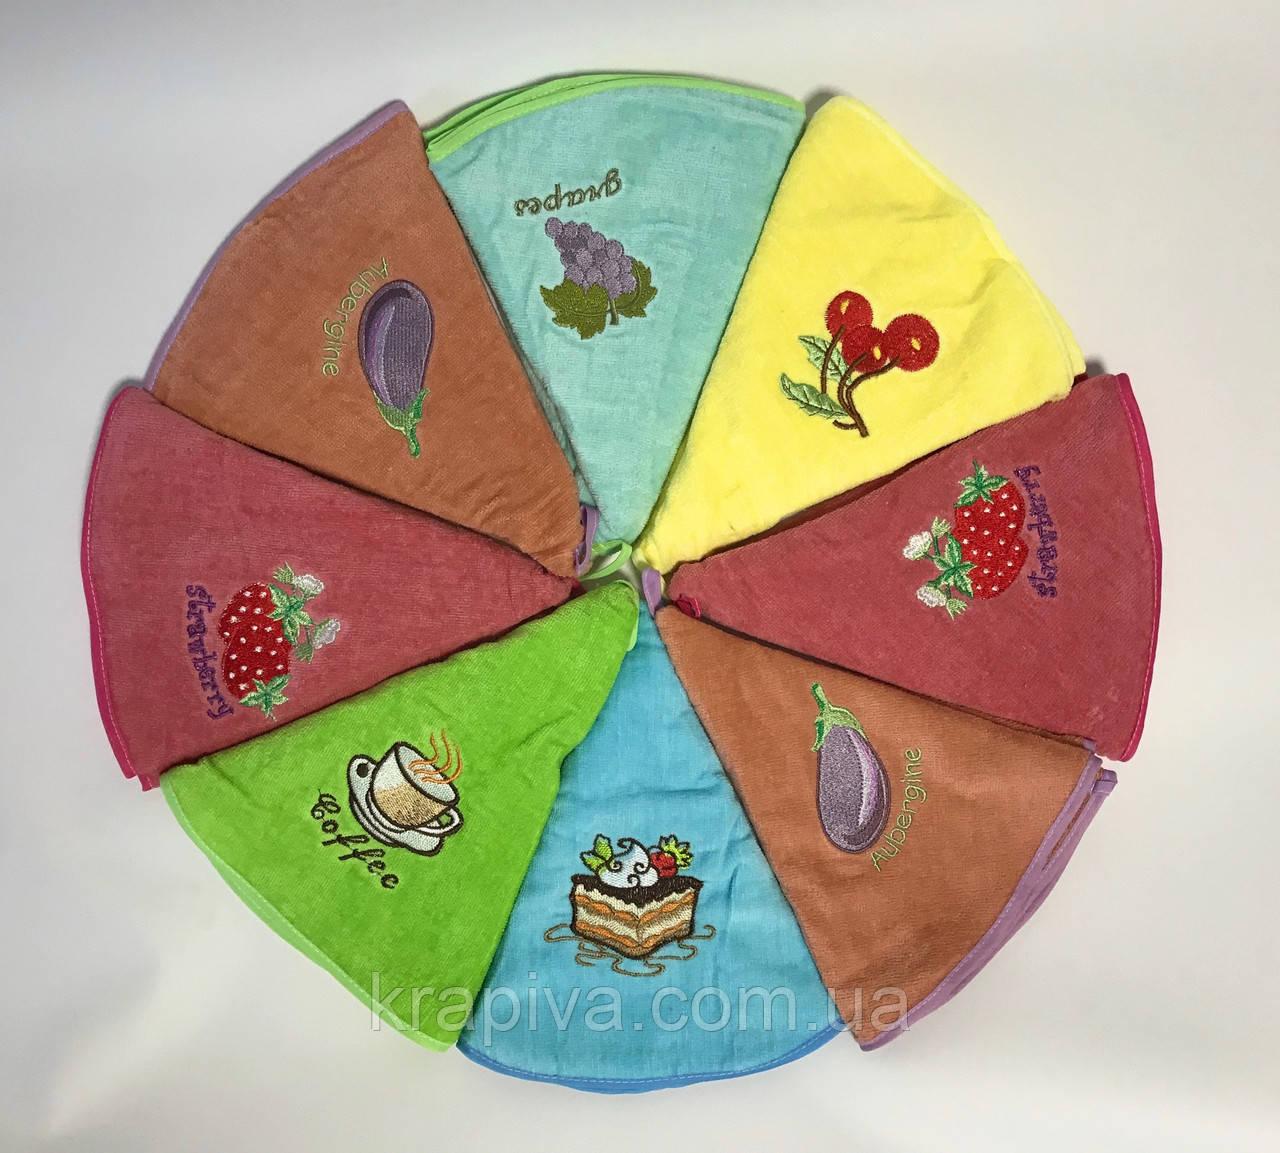 Набор 4 шт полотенец 55 см, круглое с петелькой, набір рушник для кухні, кухонное